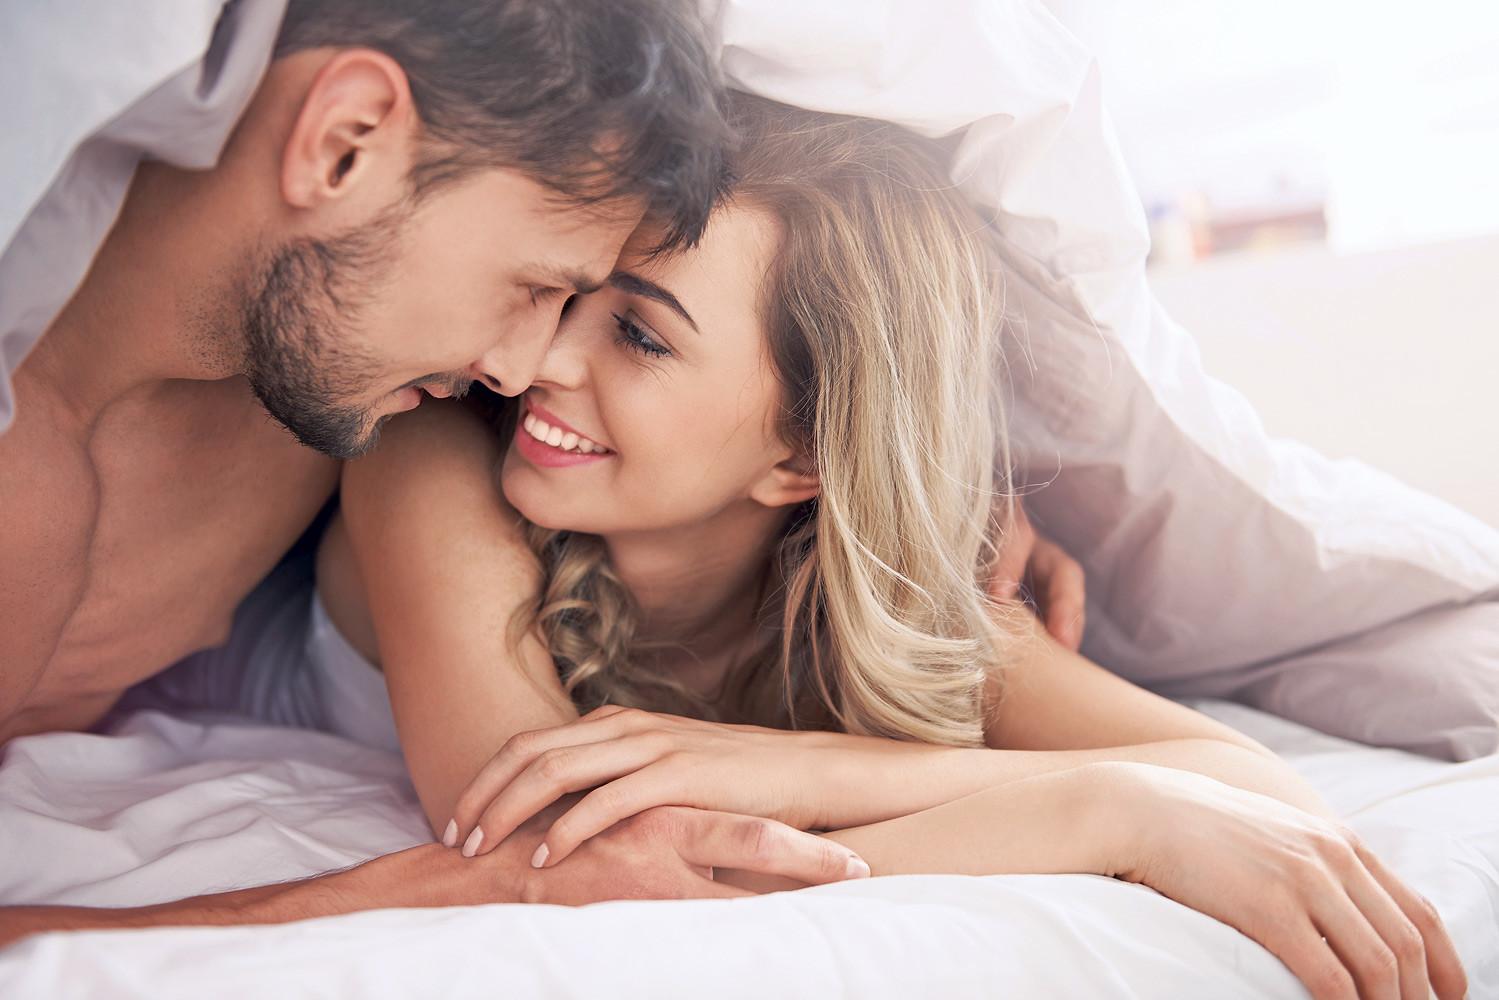 Опасно заниматься сексом в душе